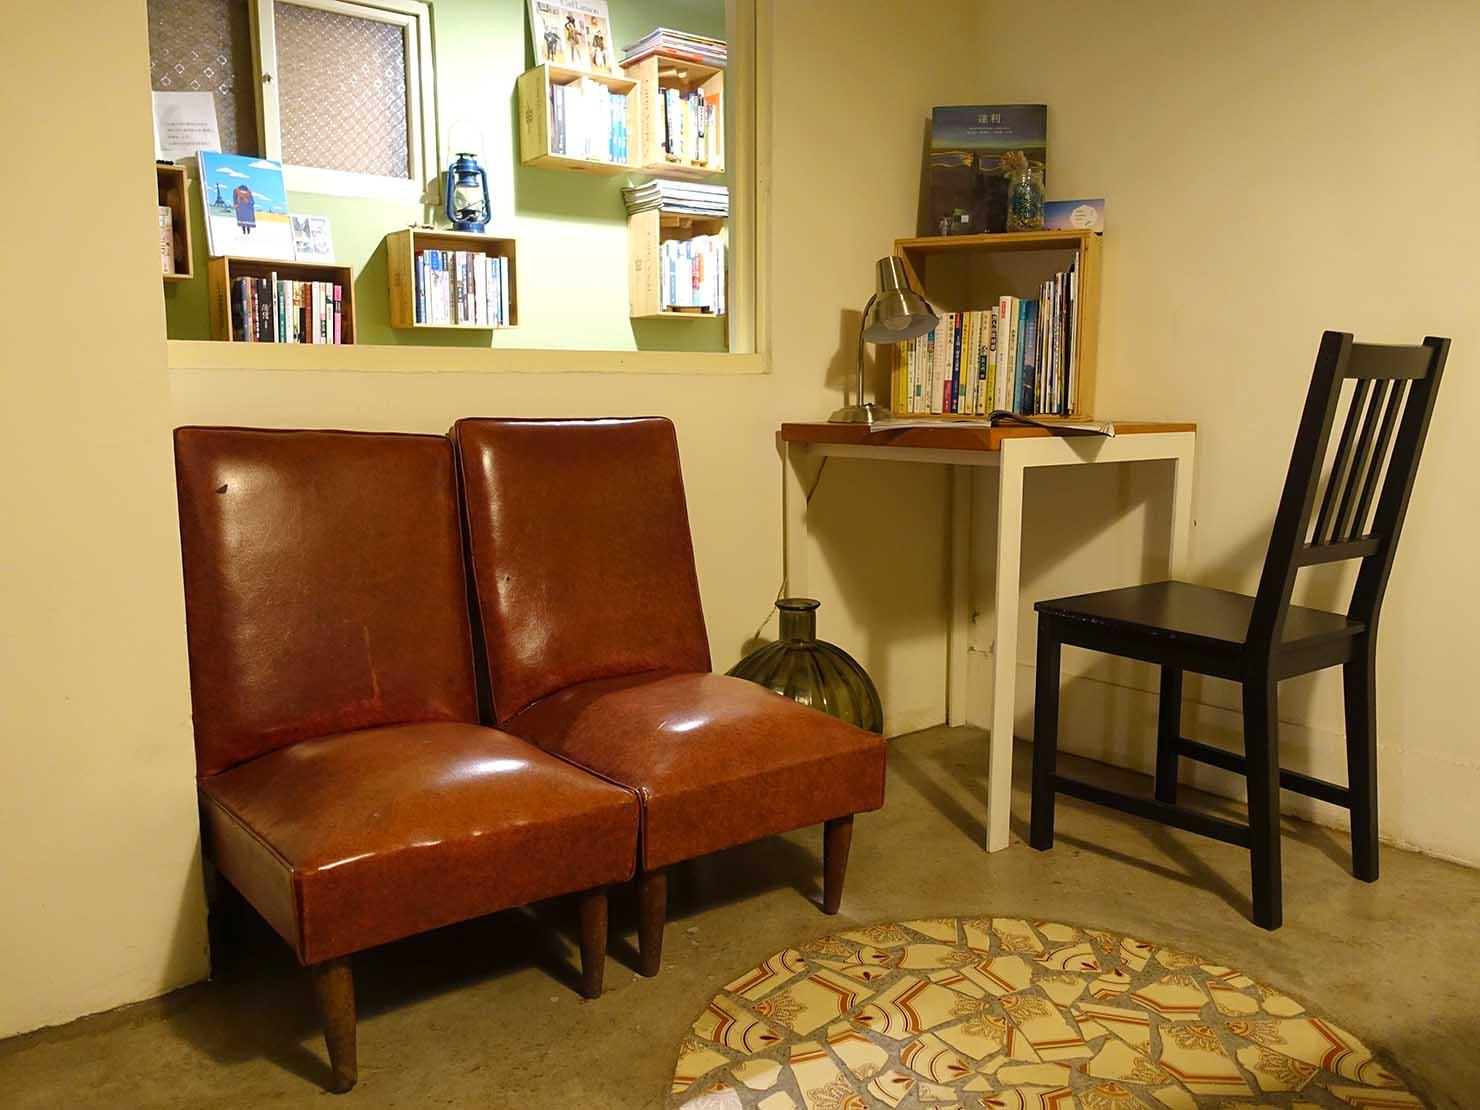 花蓮市街中心部のレトロかわいいおすすめゲストハウス「花蓮日日 Hualien dairy」3Fパブリックスペースの椅子